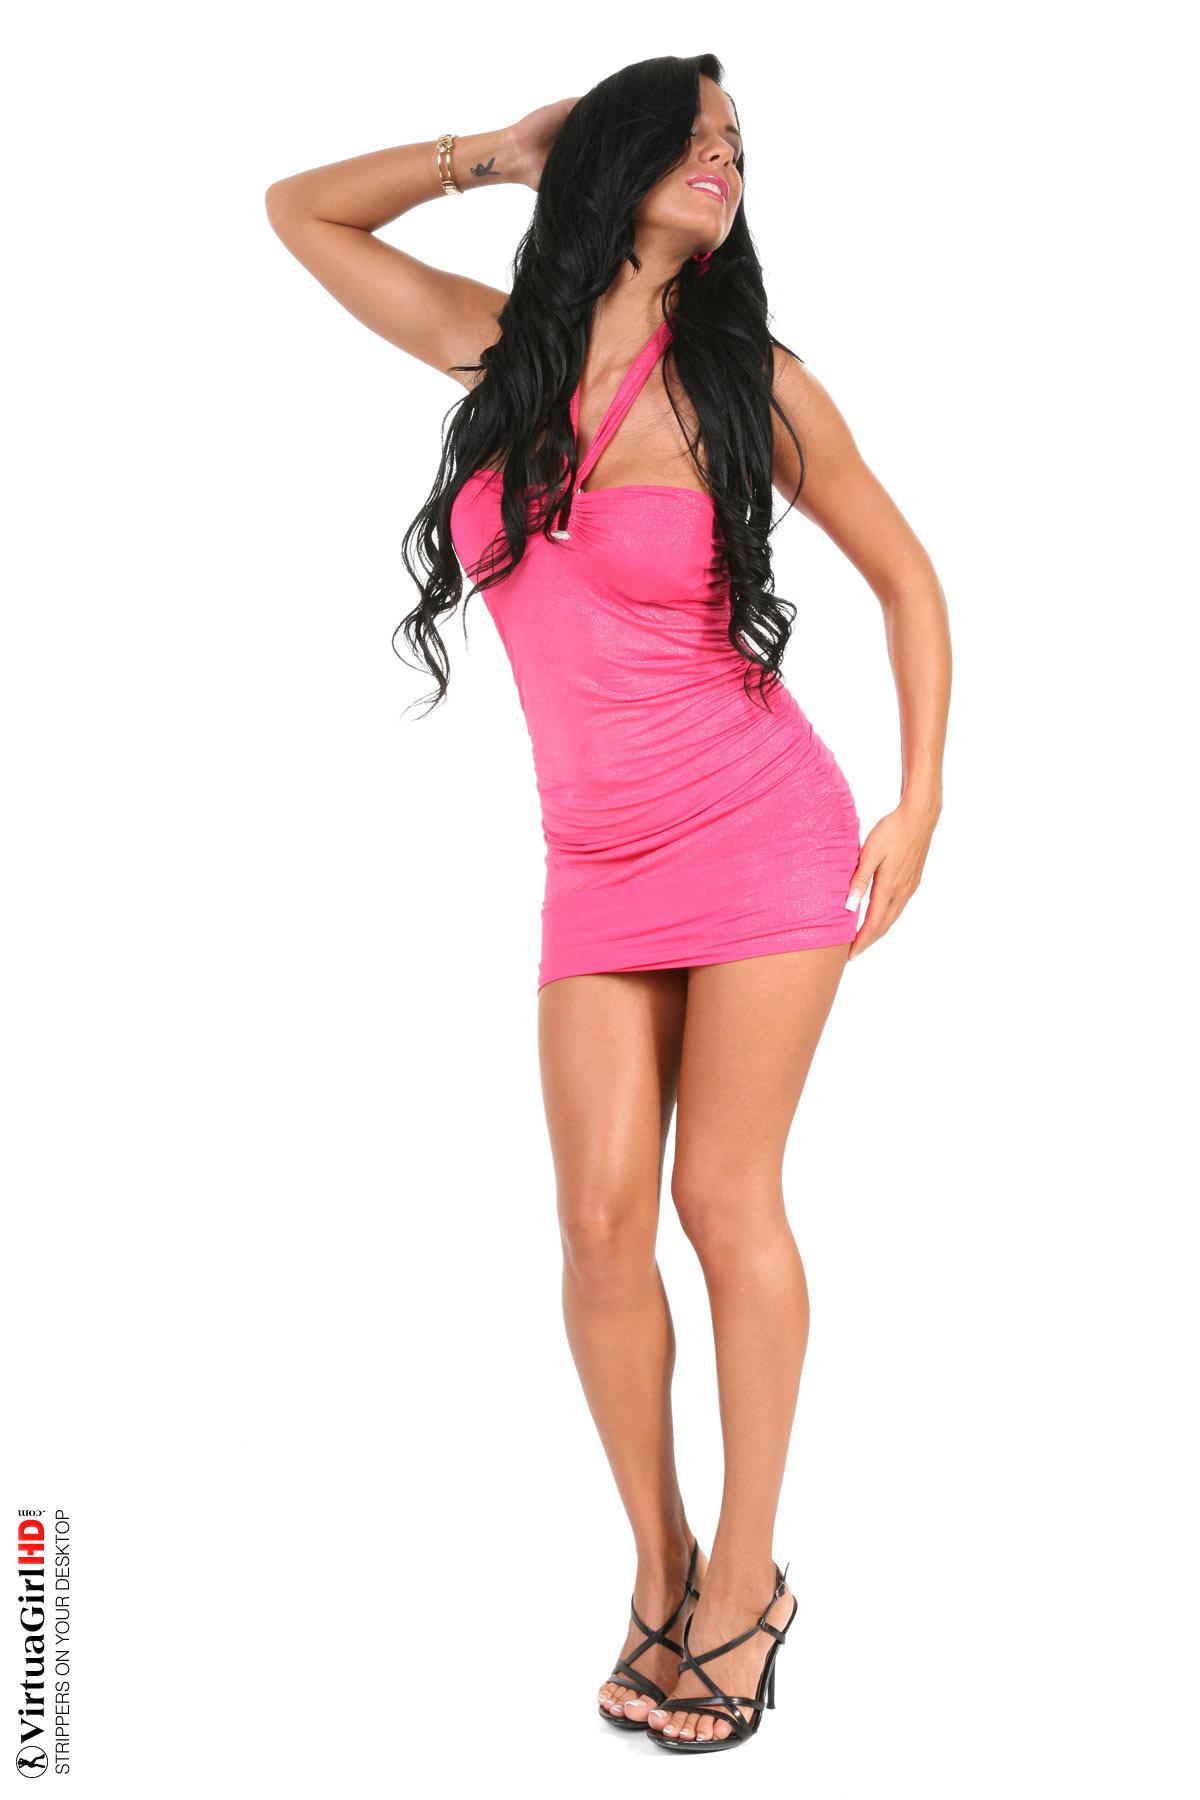 super hot lingerie models